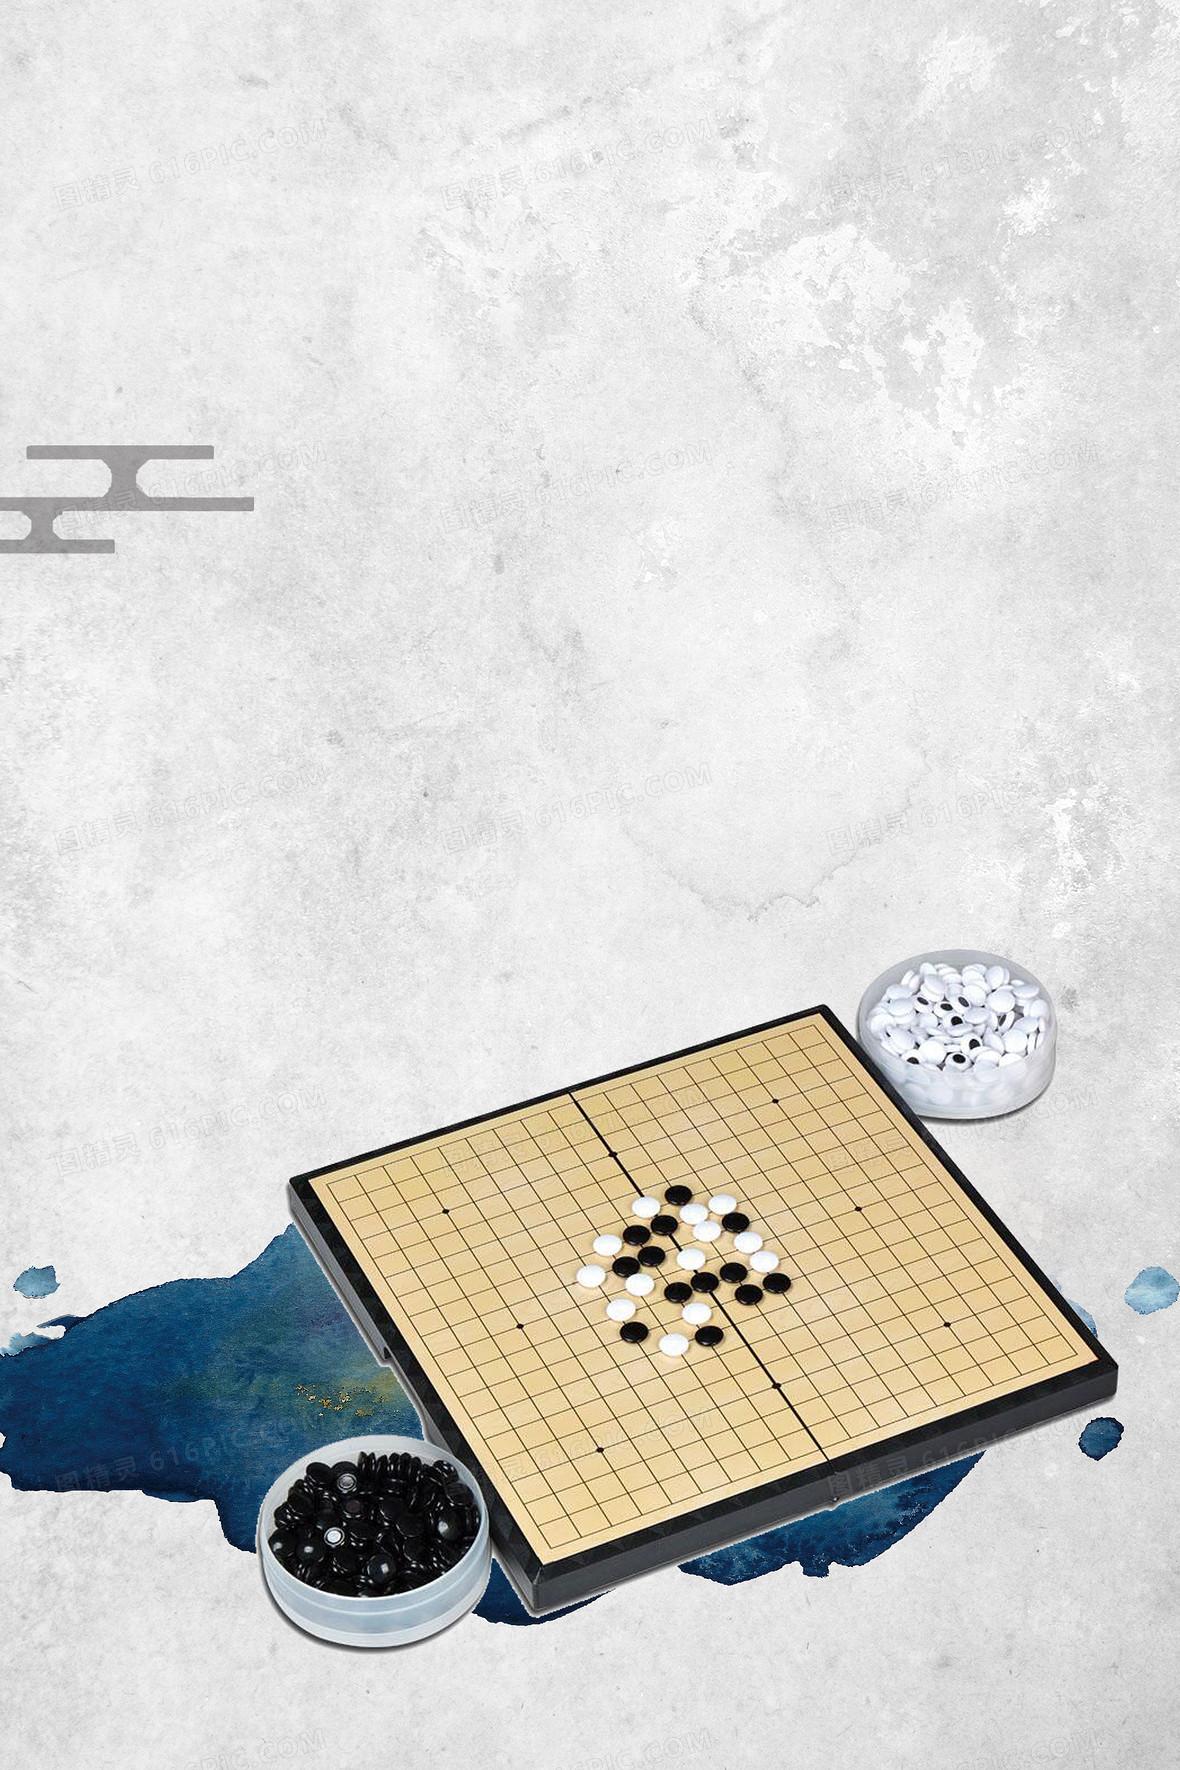 围棋社团招新海报背景素材